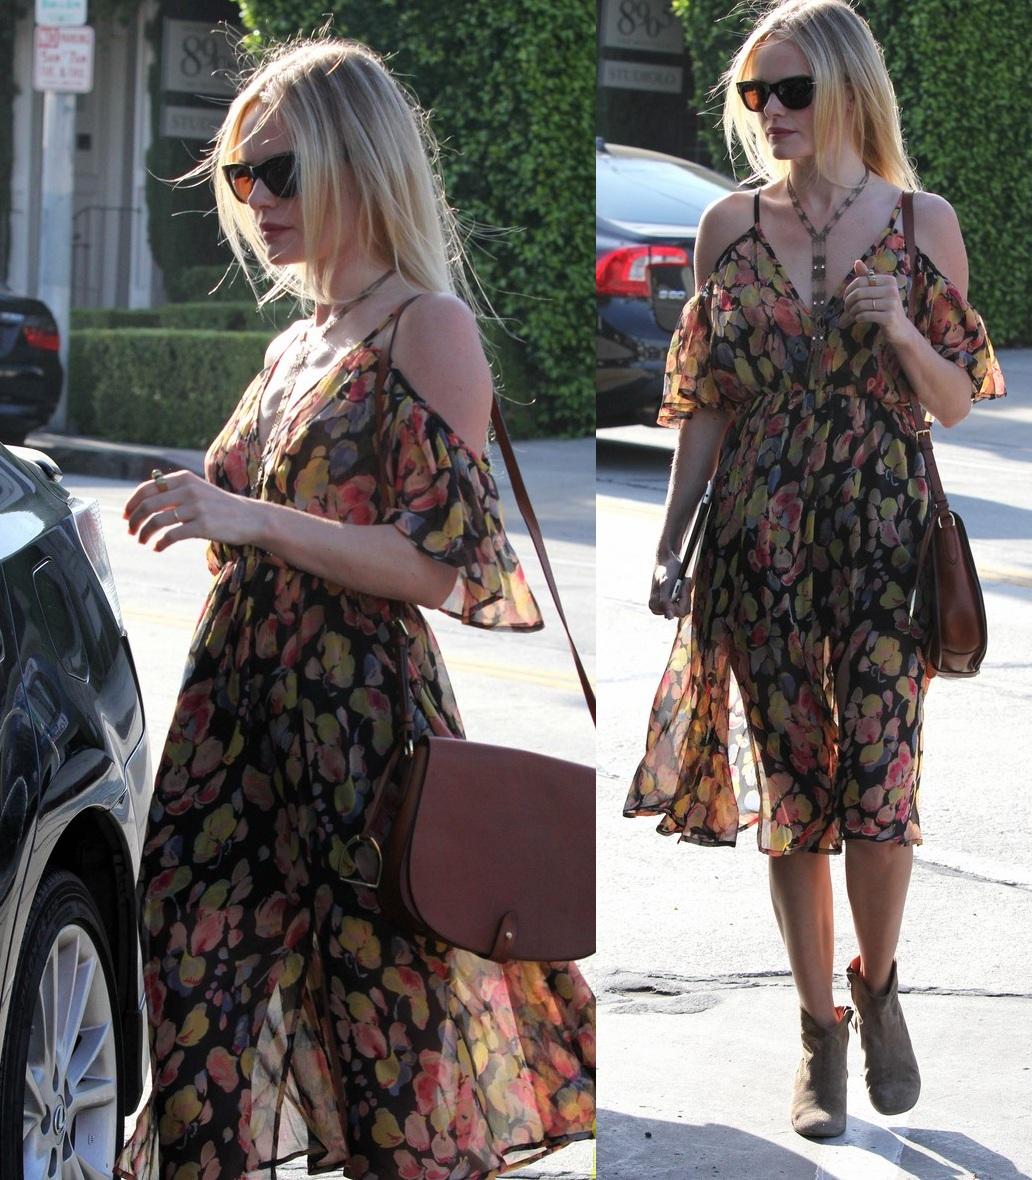 http://3.bp.blogspot.com/-JMS9lDmfXR0/T8tKb3lqj2I/AAAAAAAAKMU/B85QnOj3kGA/s1600/Kate+Bosworth+-+Street+Style.jpg